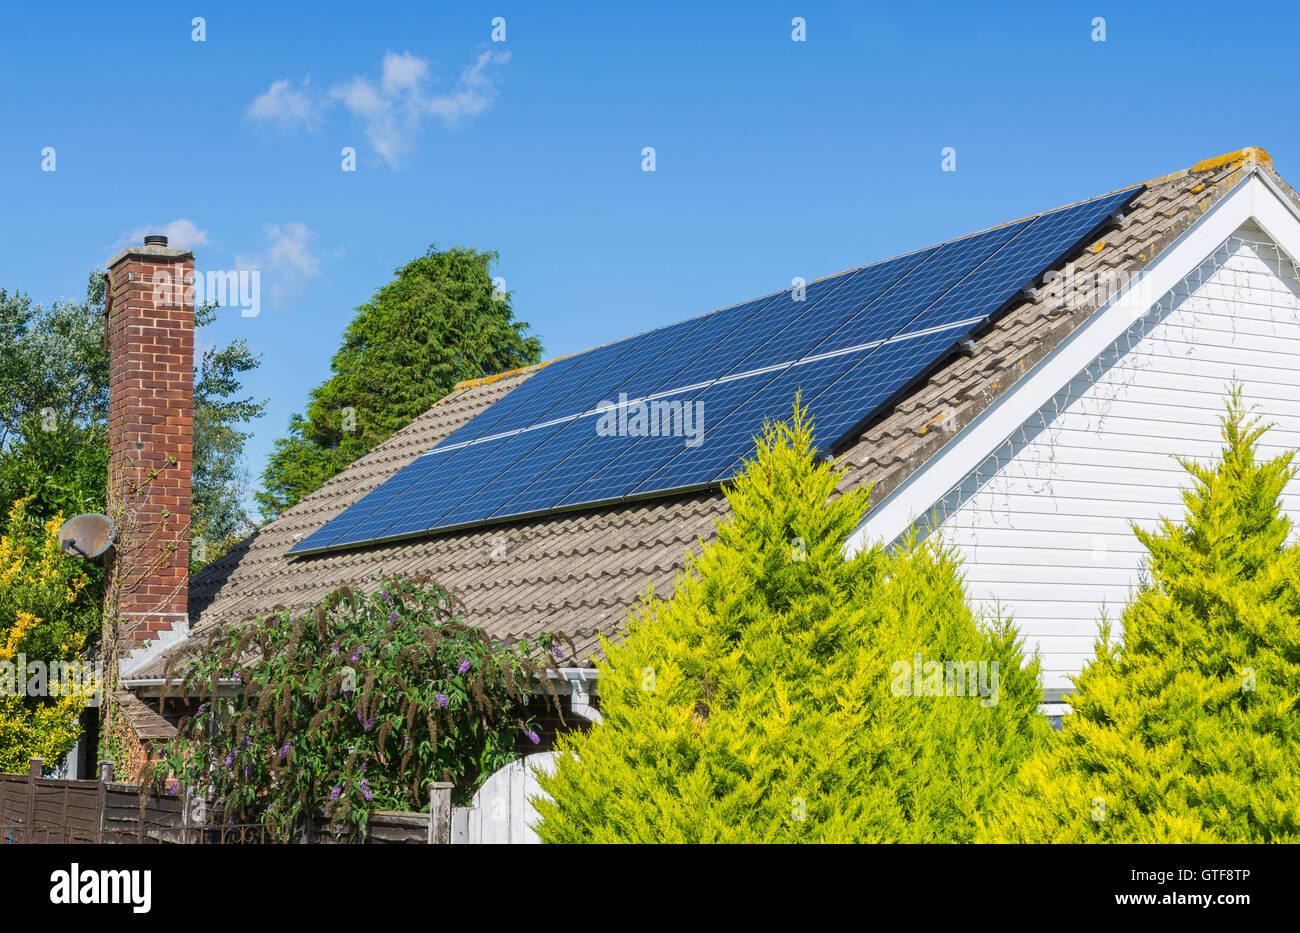 Des panneaux solaires sur le toit d'un bungalow au Royaume-Uni. Photo Stock